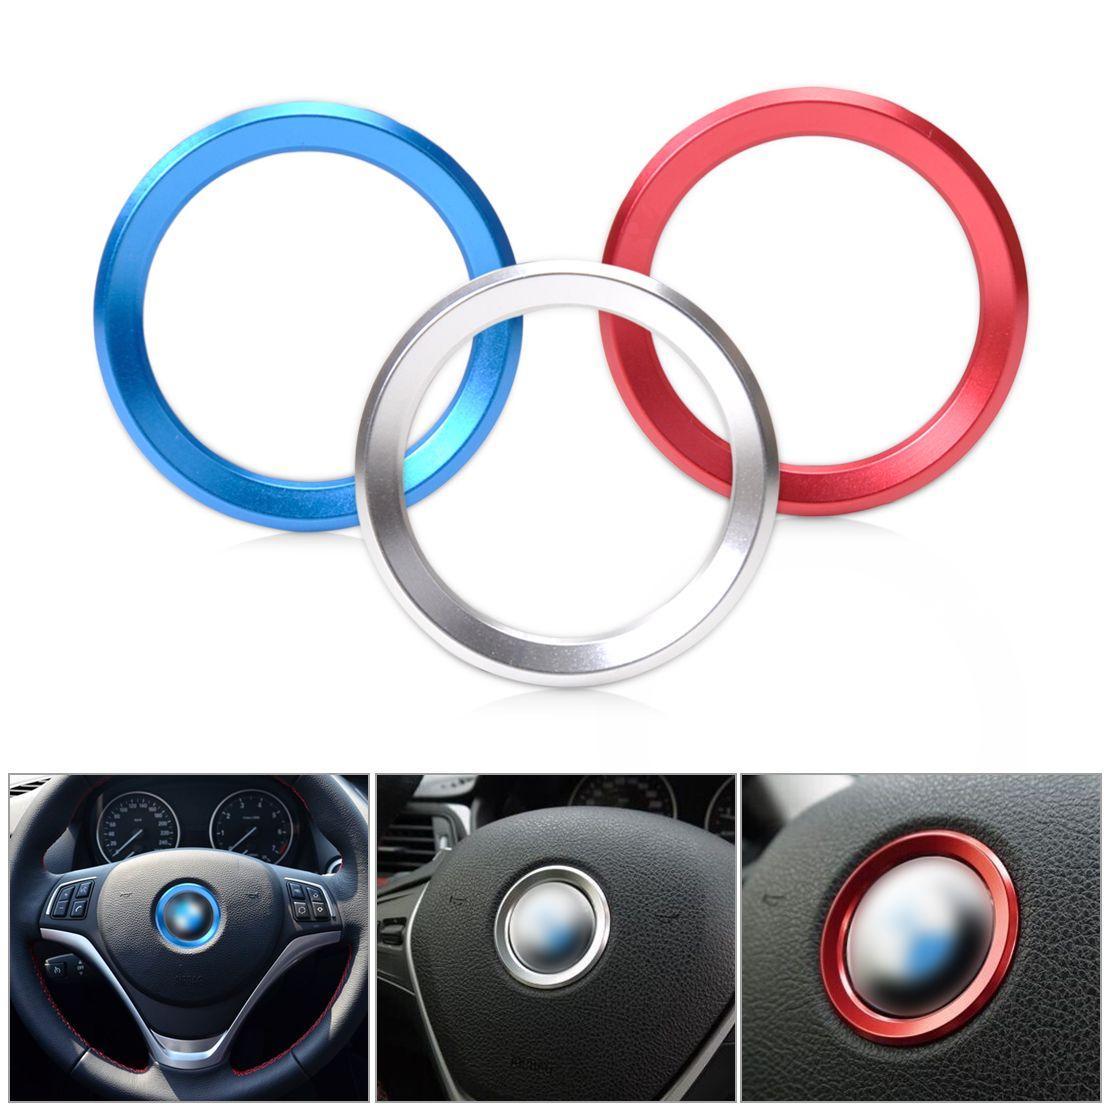 beler Car Steering Wheel Center Ring Cover Trim For BMW 1